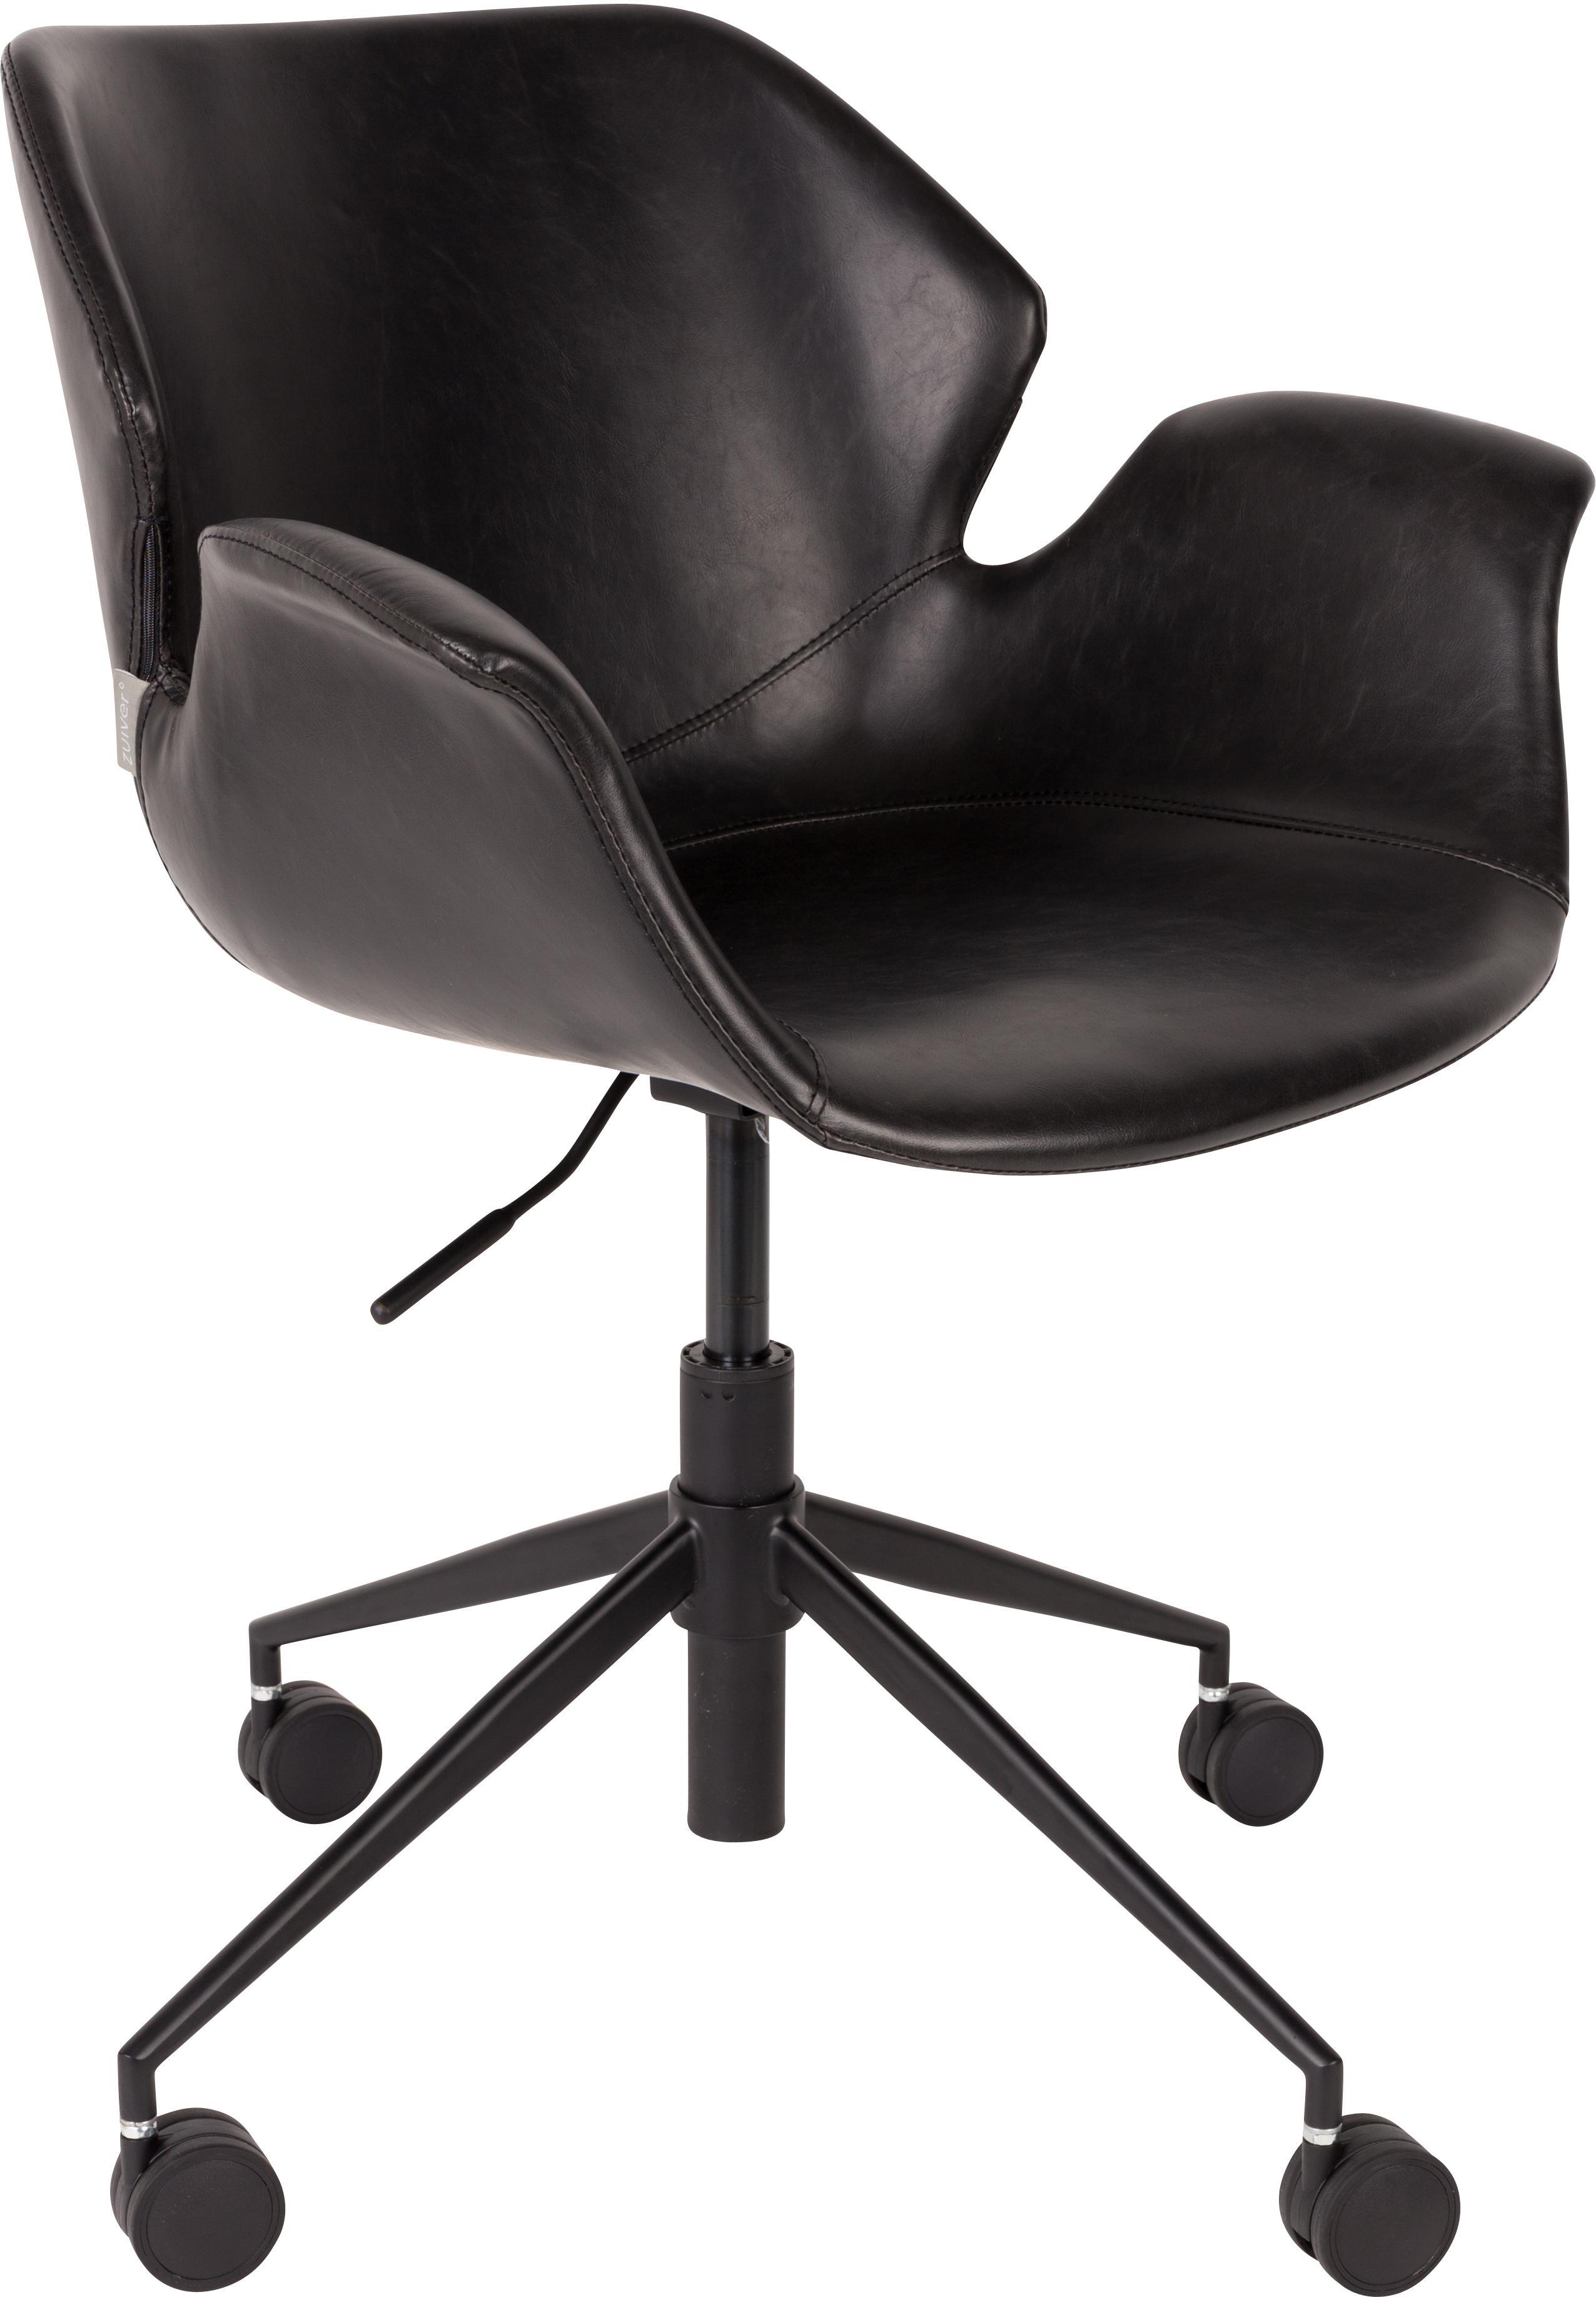 Biurowe krzesło obrotowe ze sztucznej skóry Nikki, Tapicerka: sztuczna skóra (poliureta, Nogi: metal malowany proszkowo, Czarny, S 77 x G 78 cm